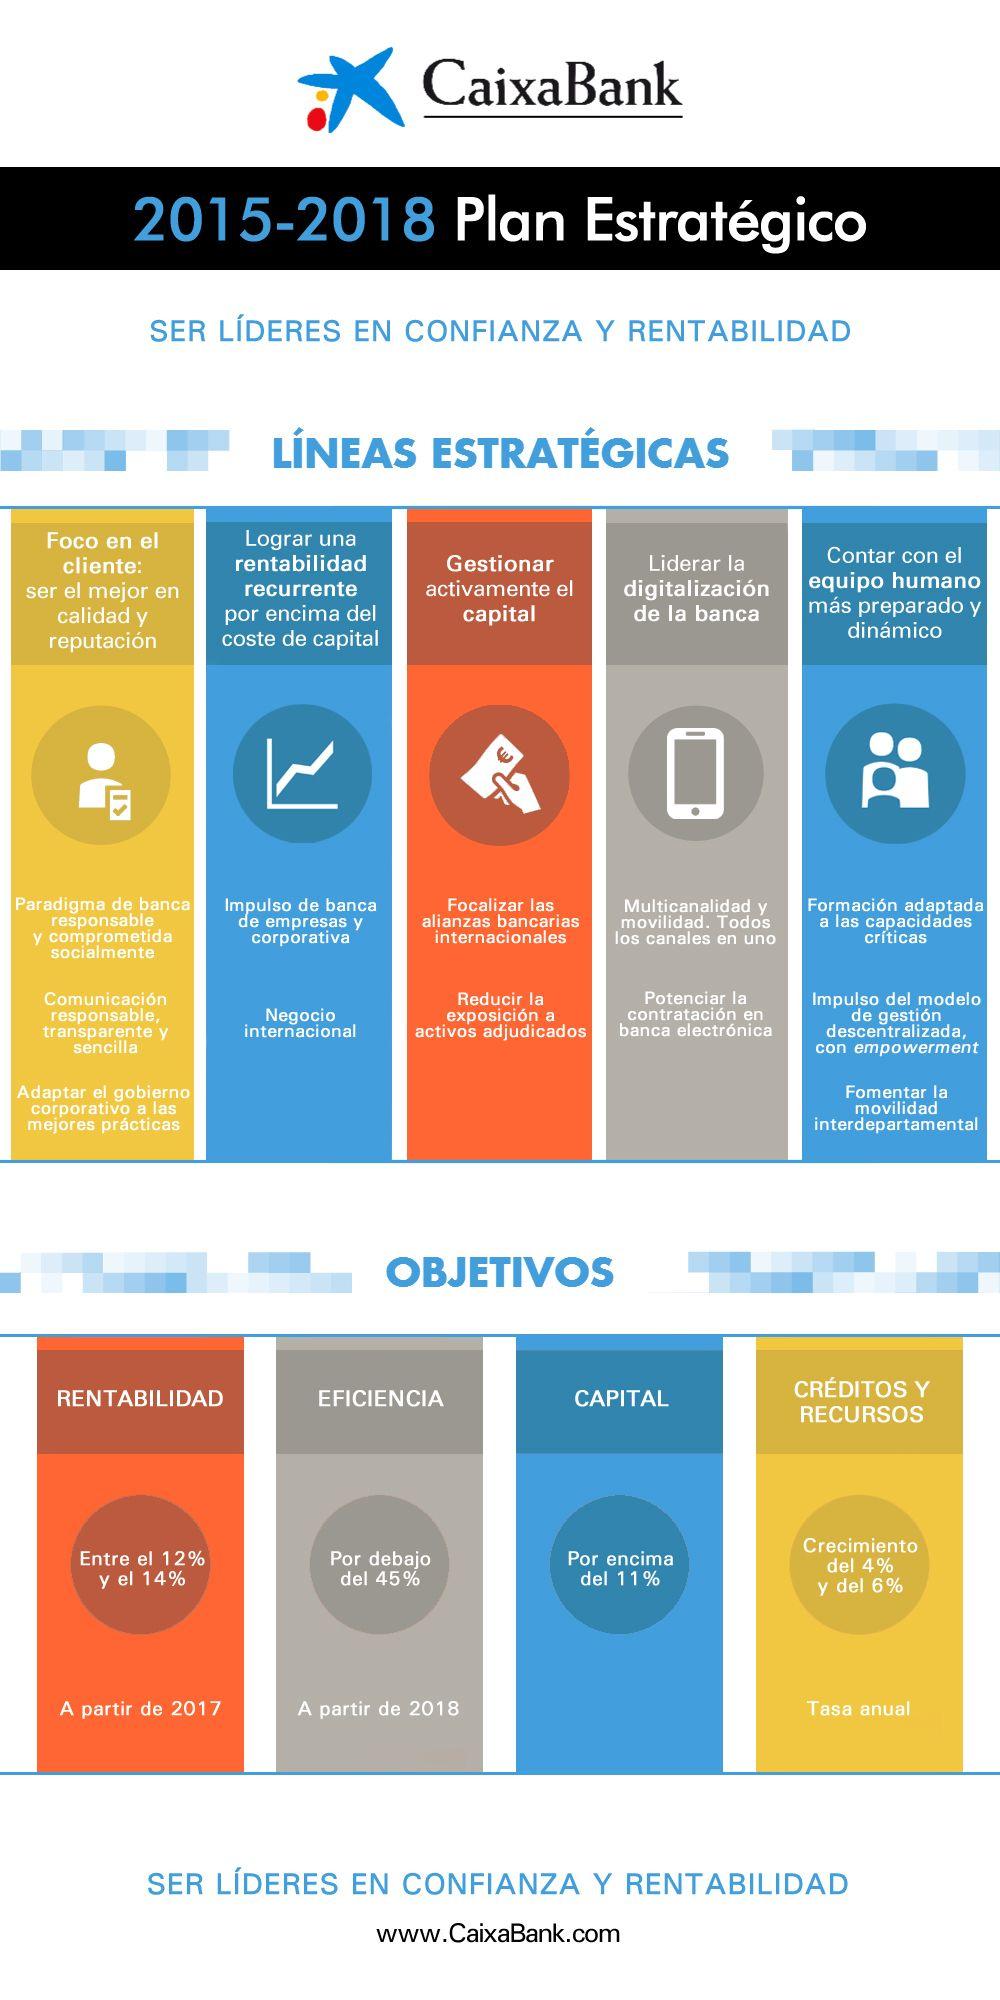 Infografía del nuevo Plan Estratégico 2015-2018 de CaixaBank ...